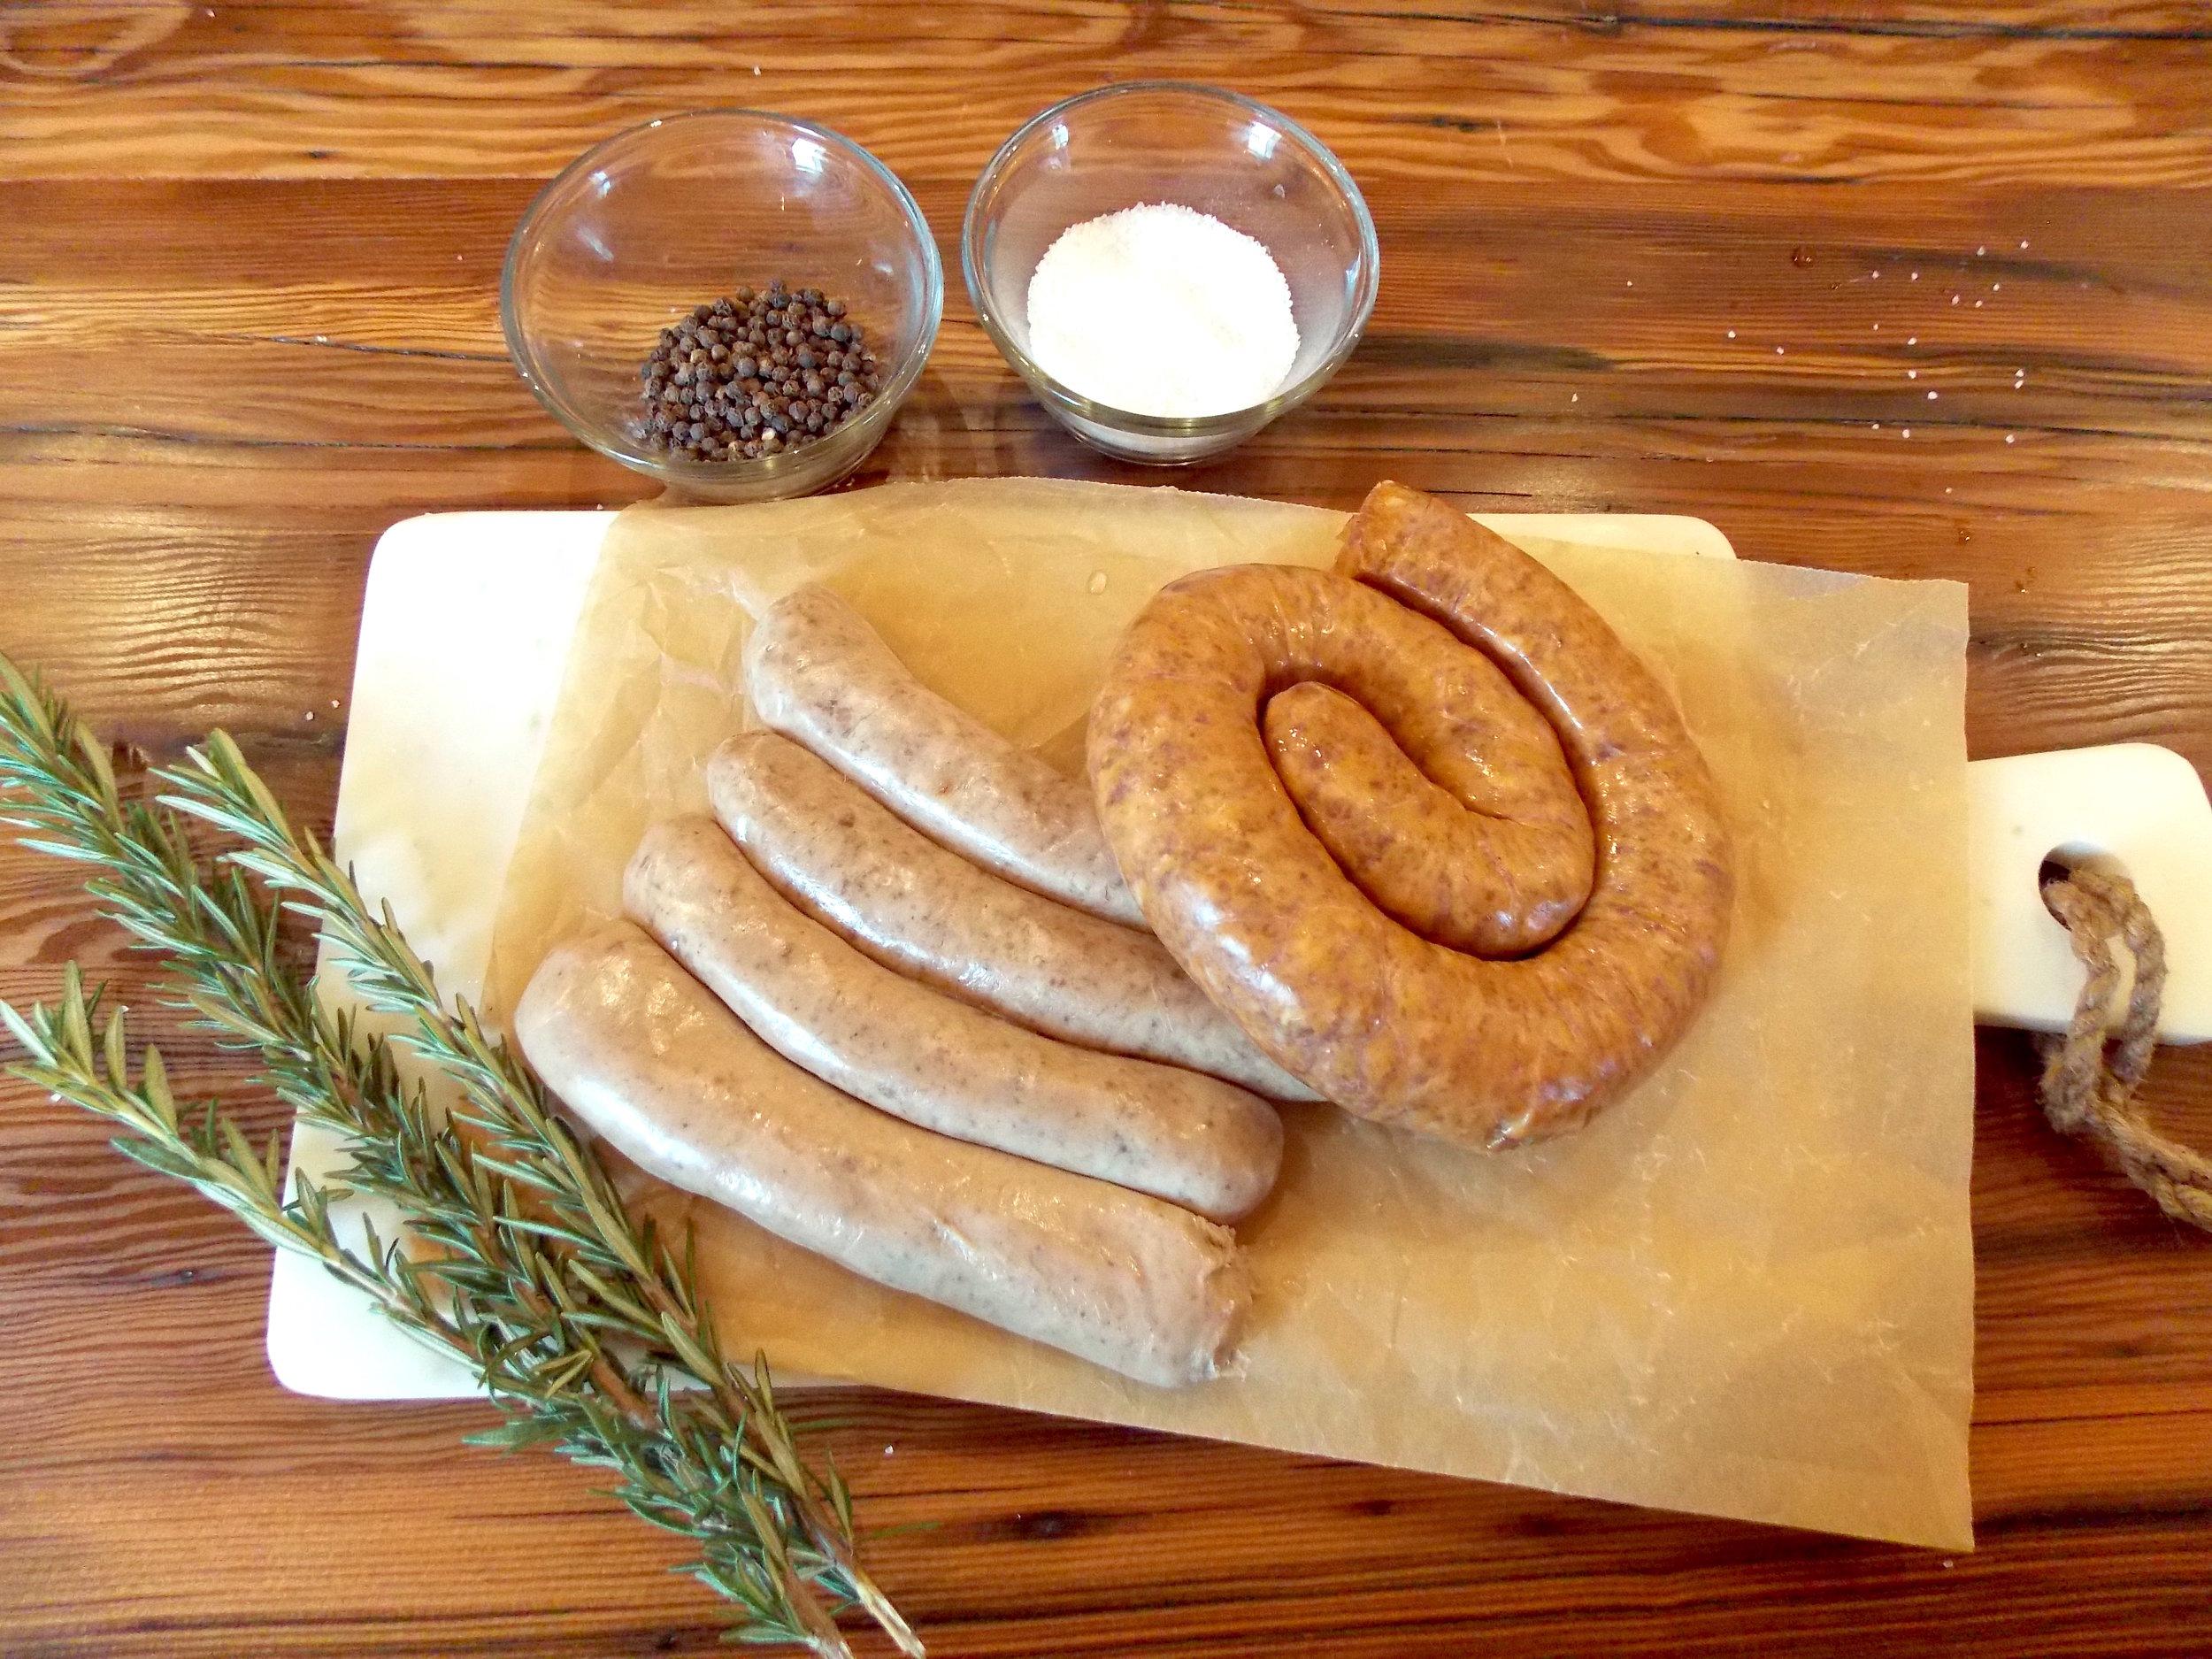 Intervale Food Hub Sausage